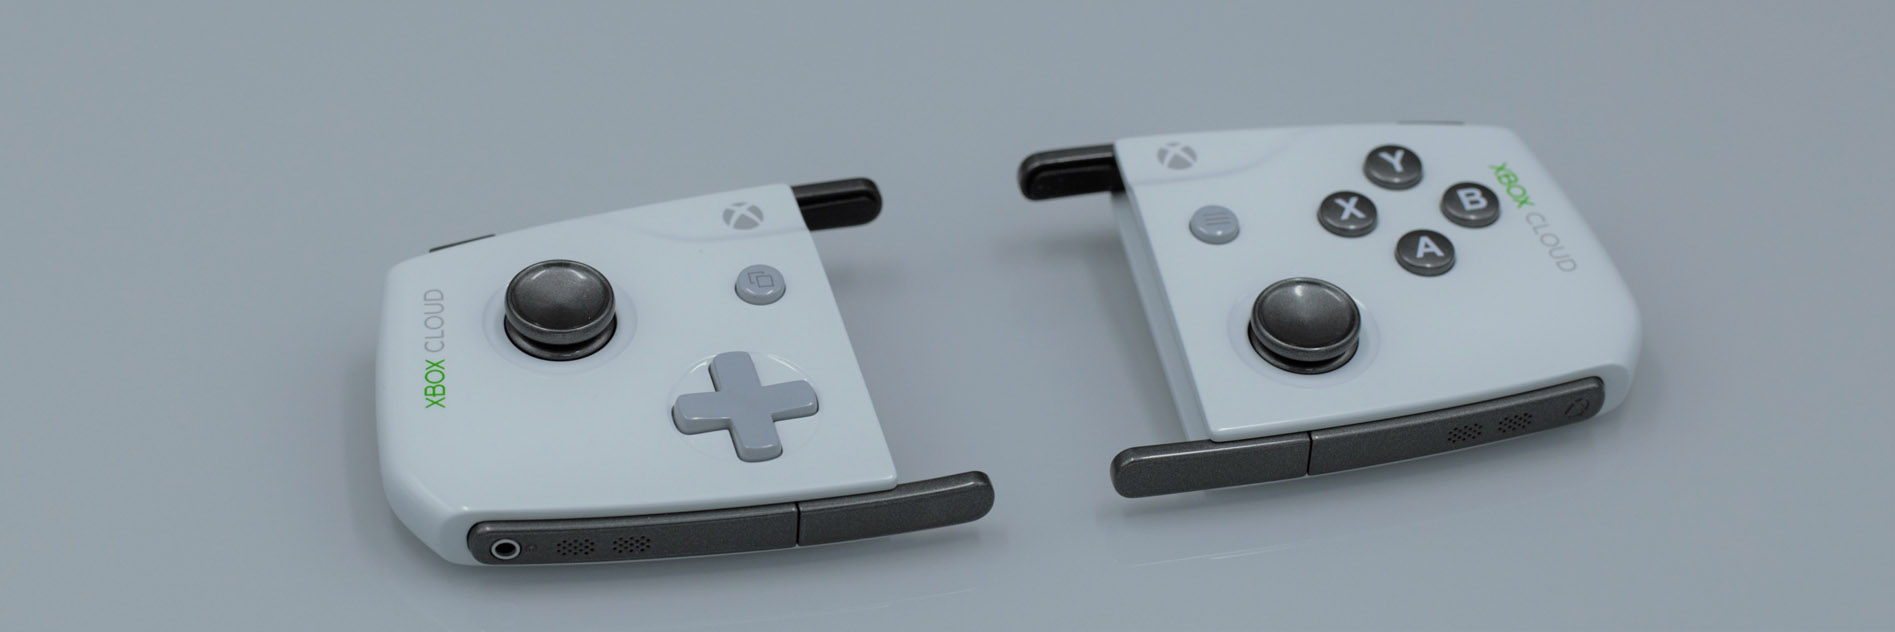 Xbox Controller Prototype